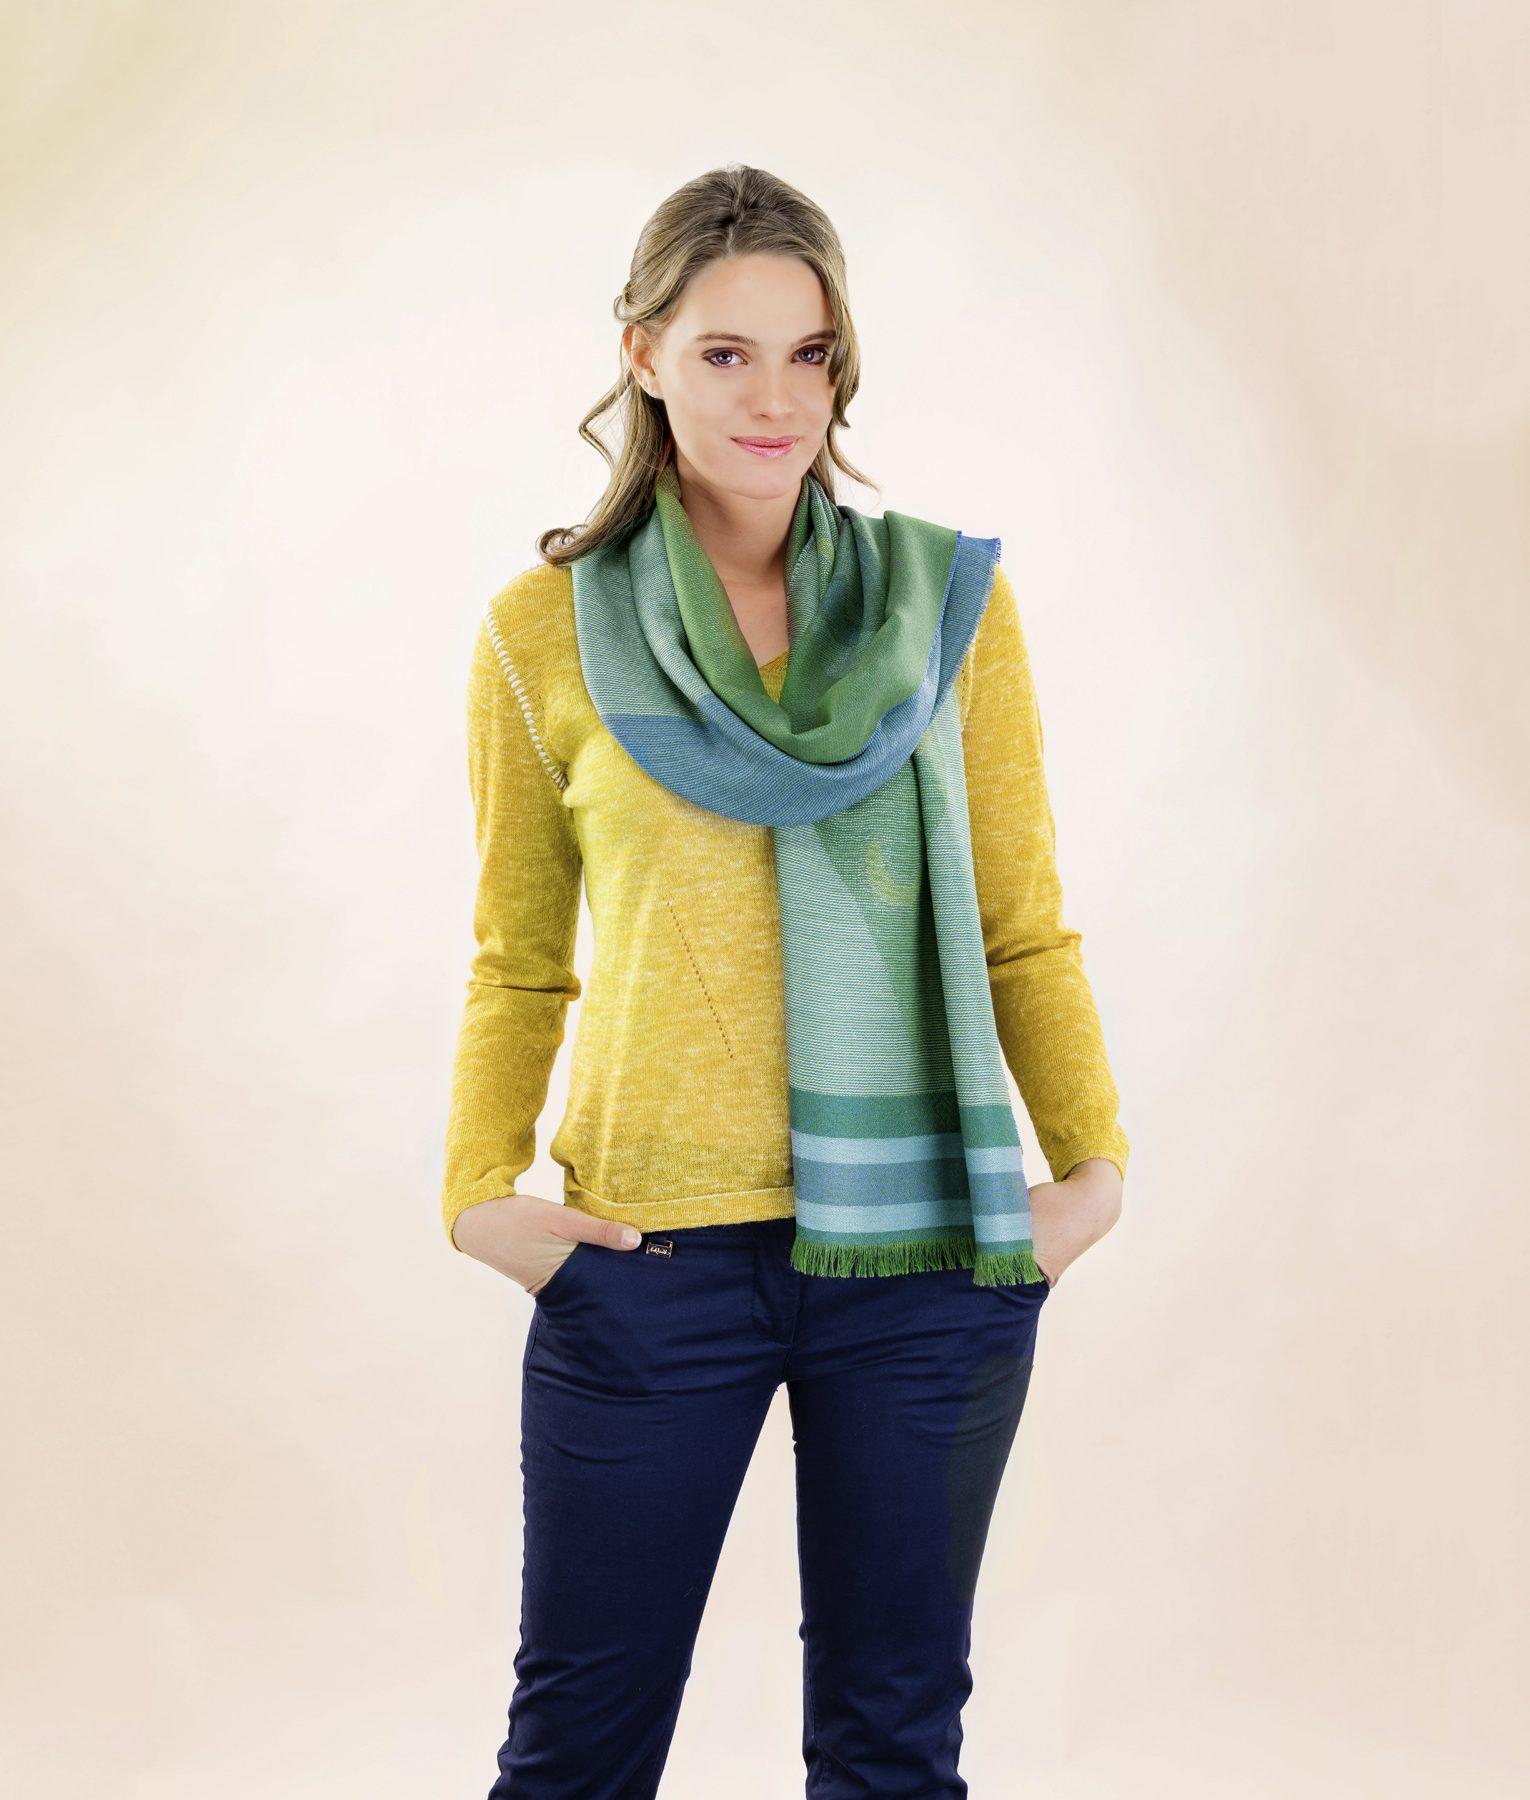 Écharpe DIAMOND en alpaga et soie - écharpes, bonnets et pulls en alpaga. Fine Alpaca, fine laine et coton du Pérou, vêtements en fibres naturelles.